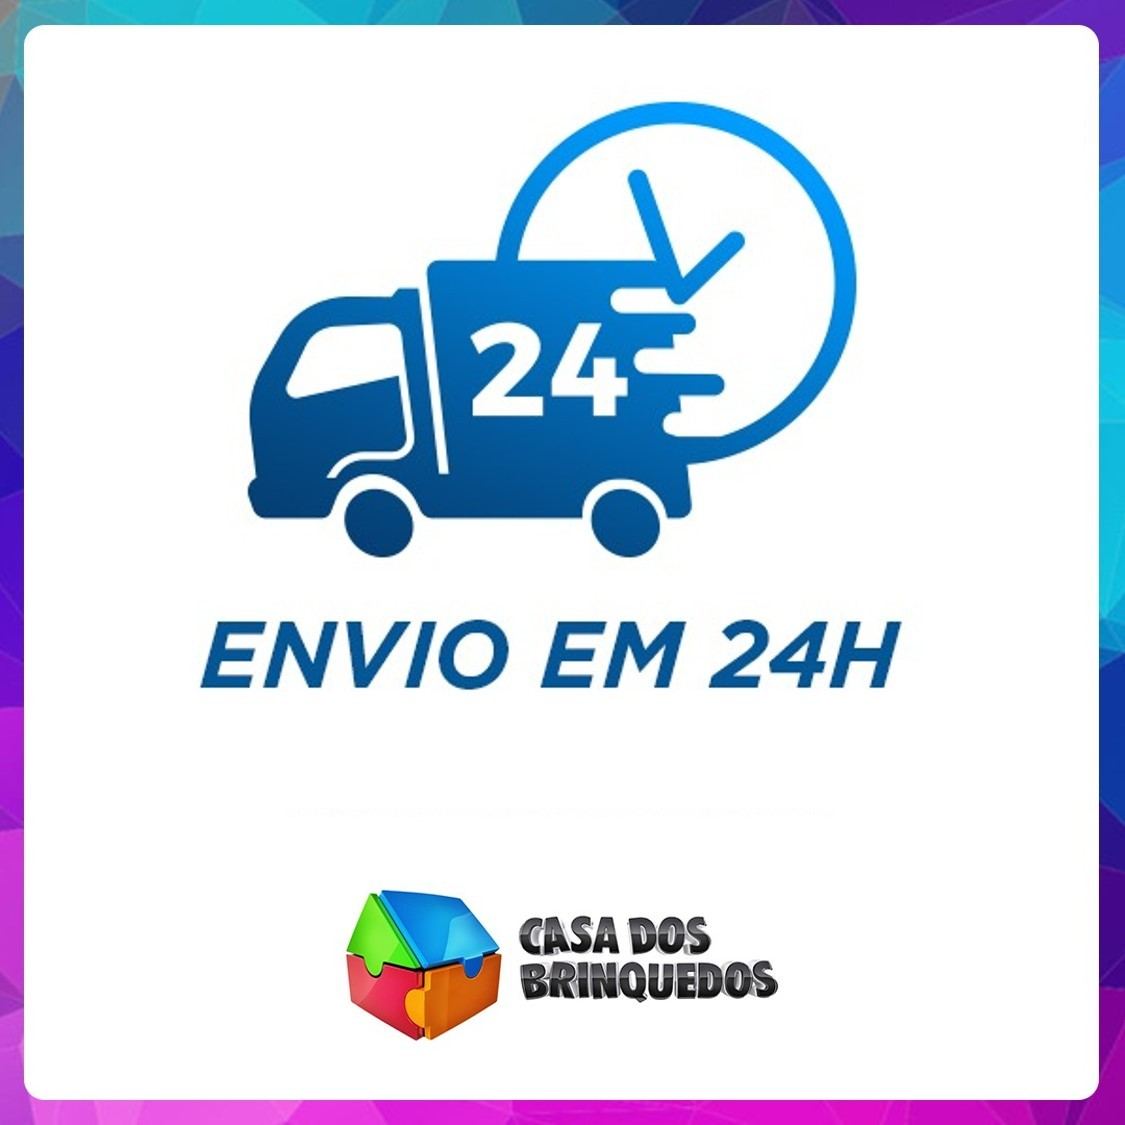 CARRINHO CONTROLE REMOTO CRAZY VERMELHO DMT5739 DM TOYS